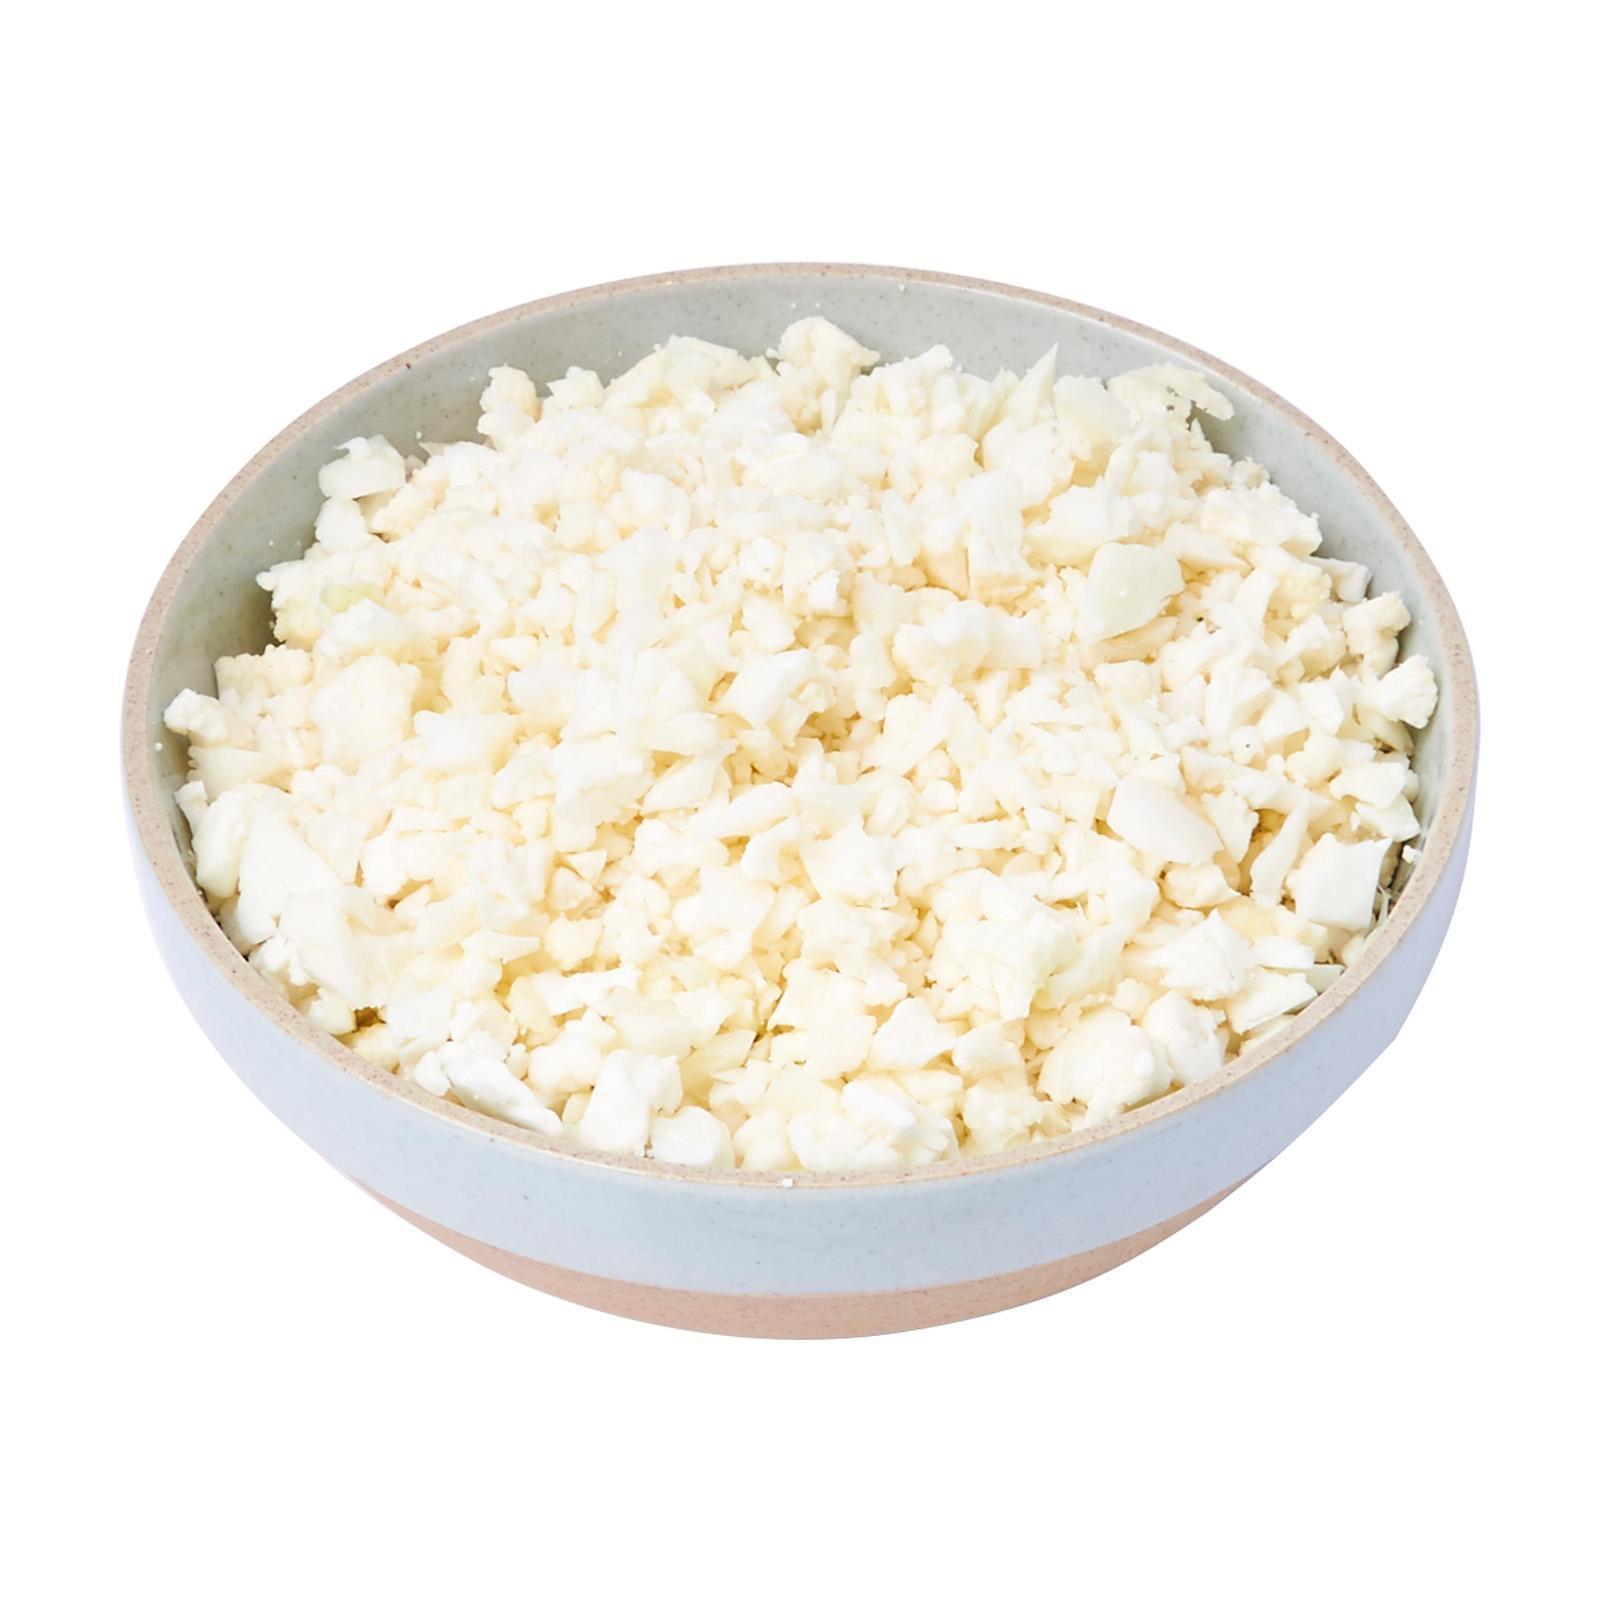 RedMart Cauliflower Rice